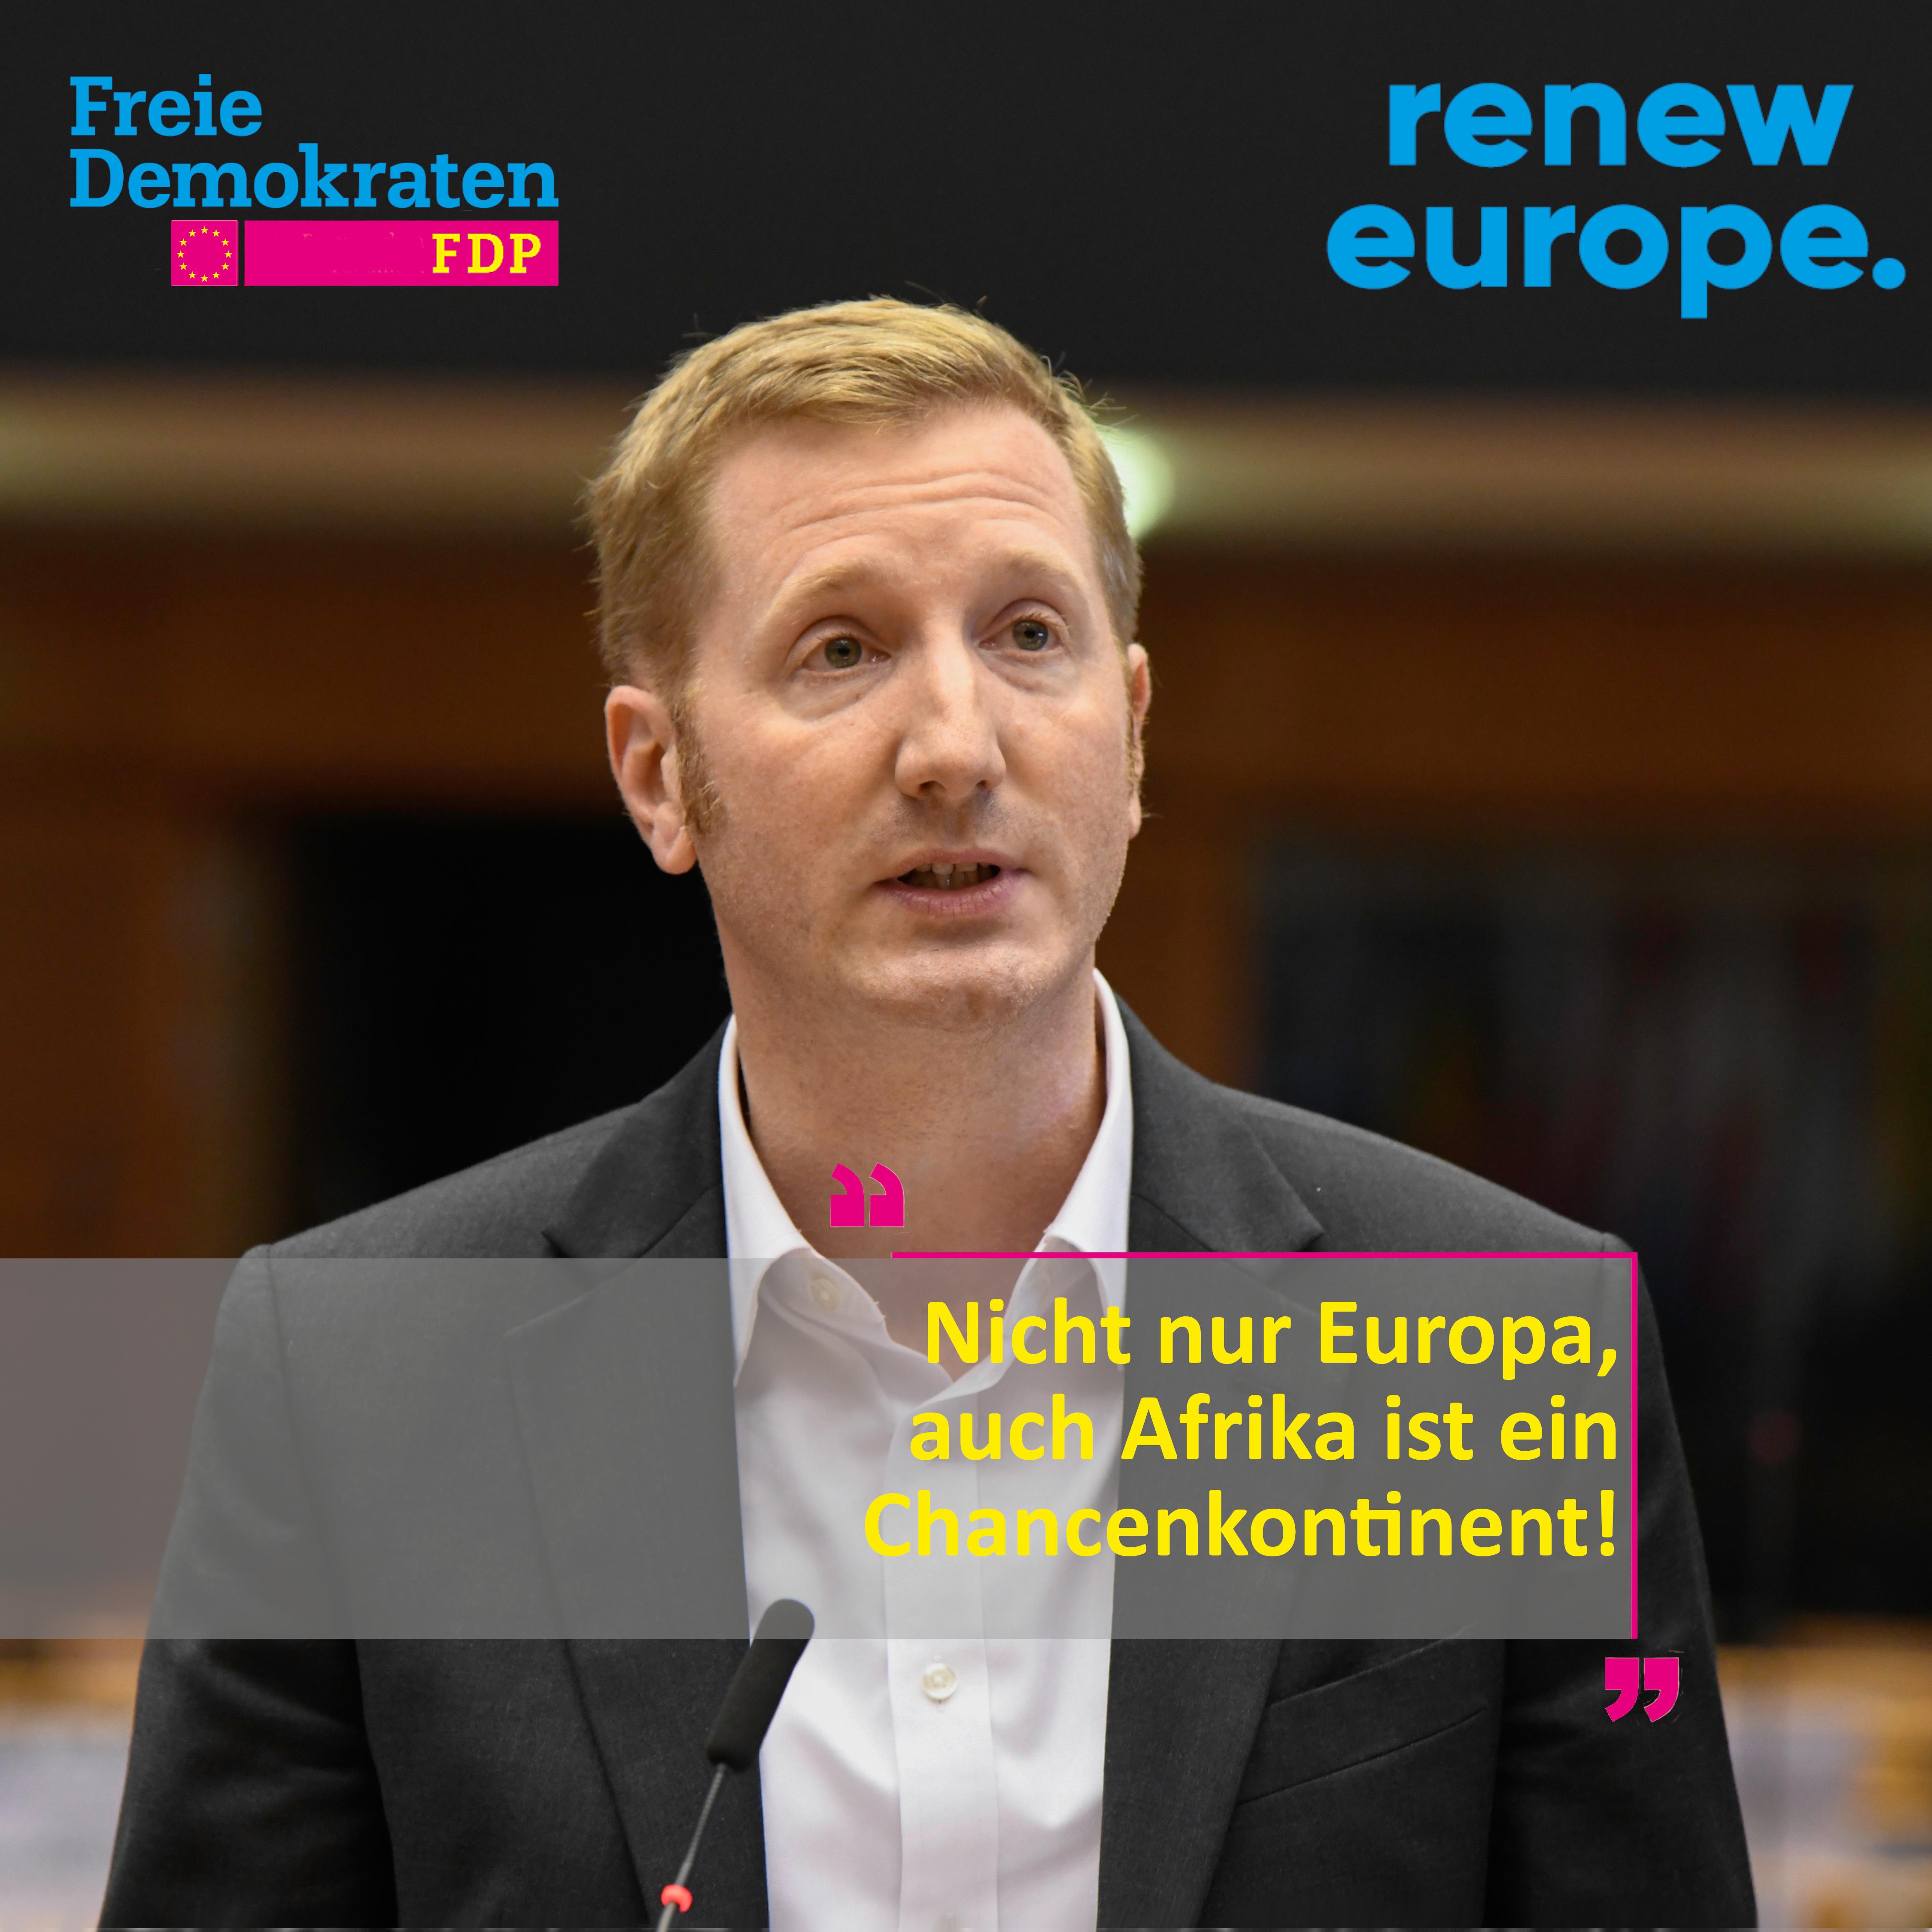 Nicht nur Europa, auch Afrika ist ein Chancenkontinent!